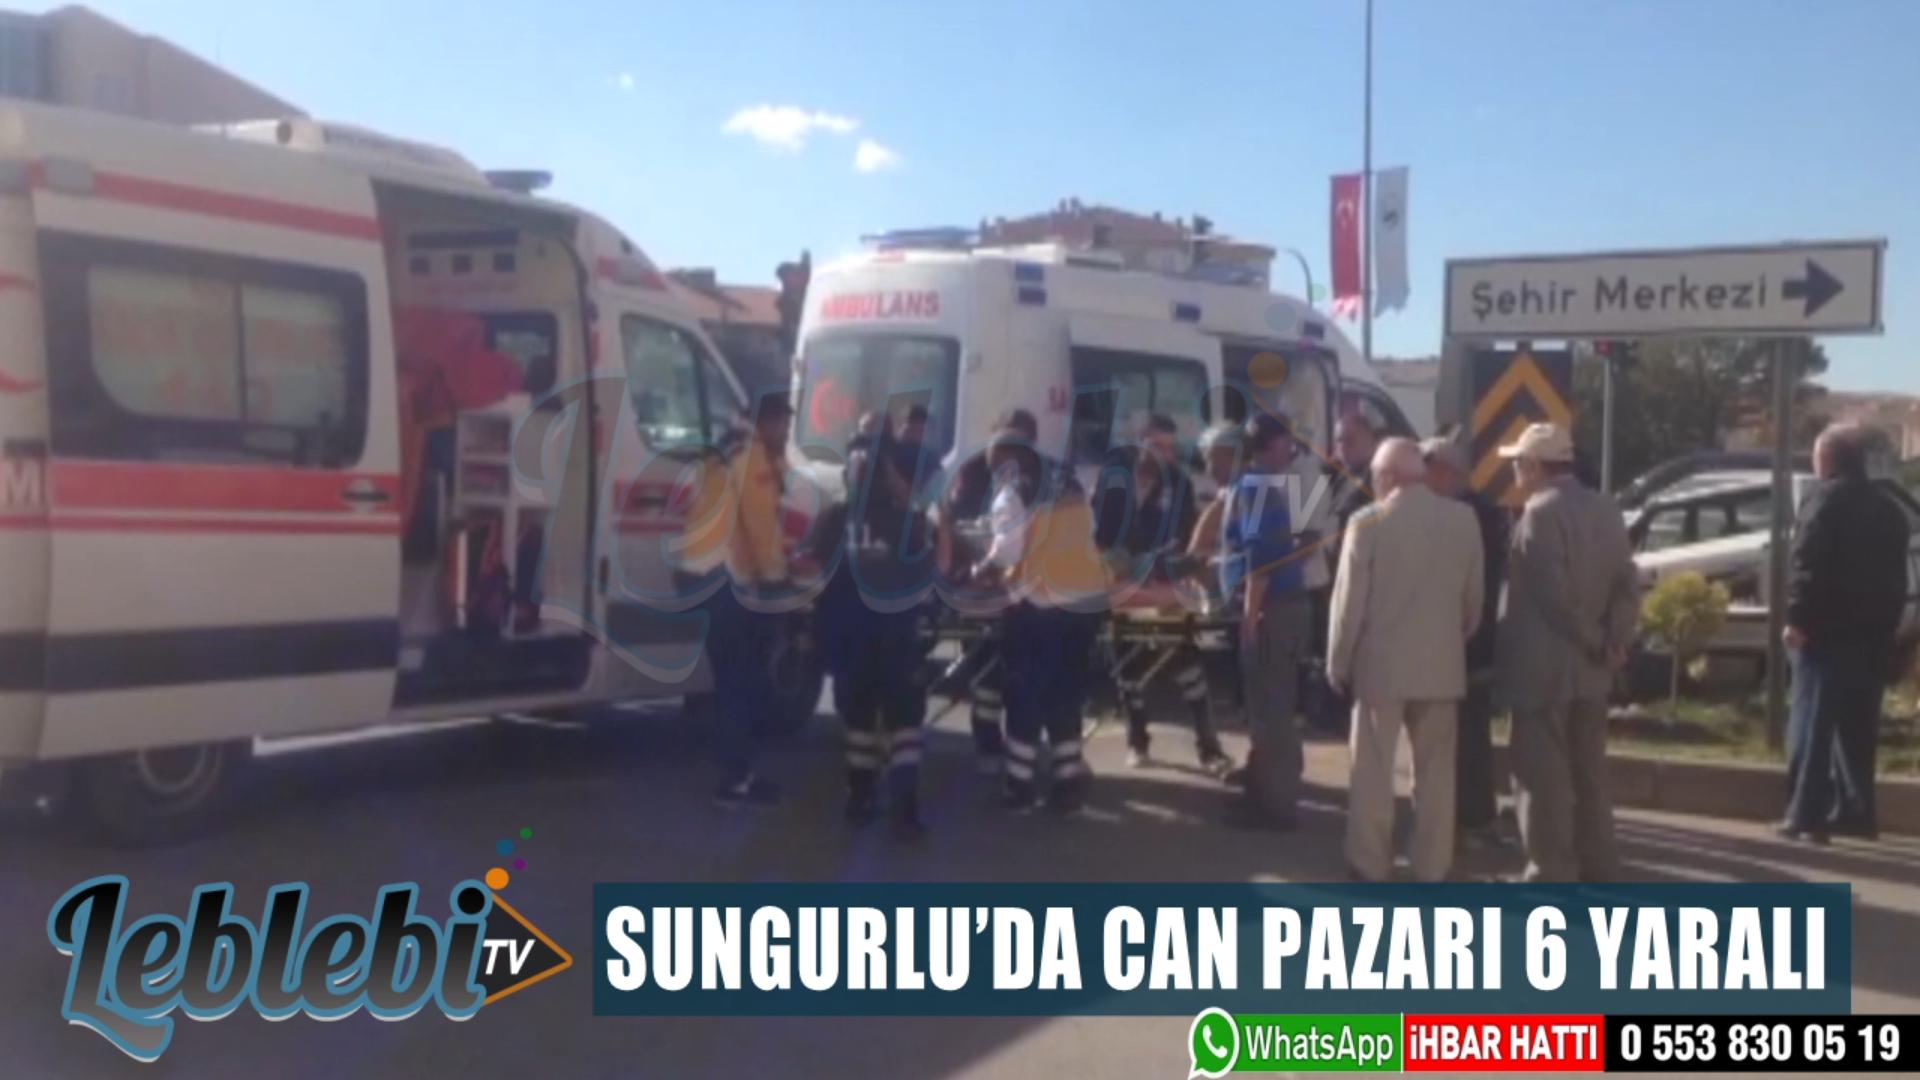 SUNGURLU'DA CAN PAZARI : 6 YARALI